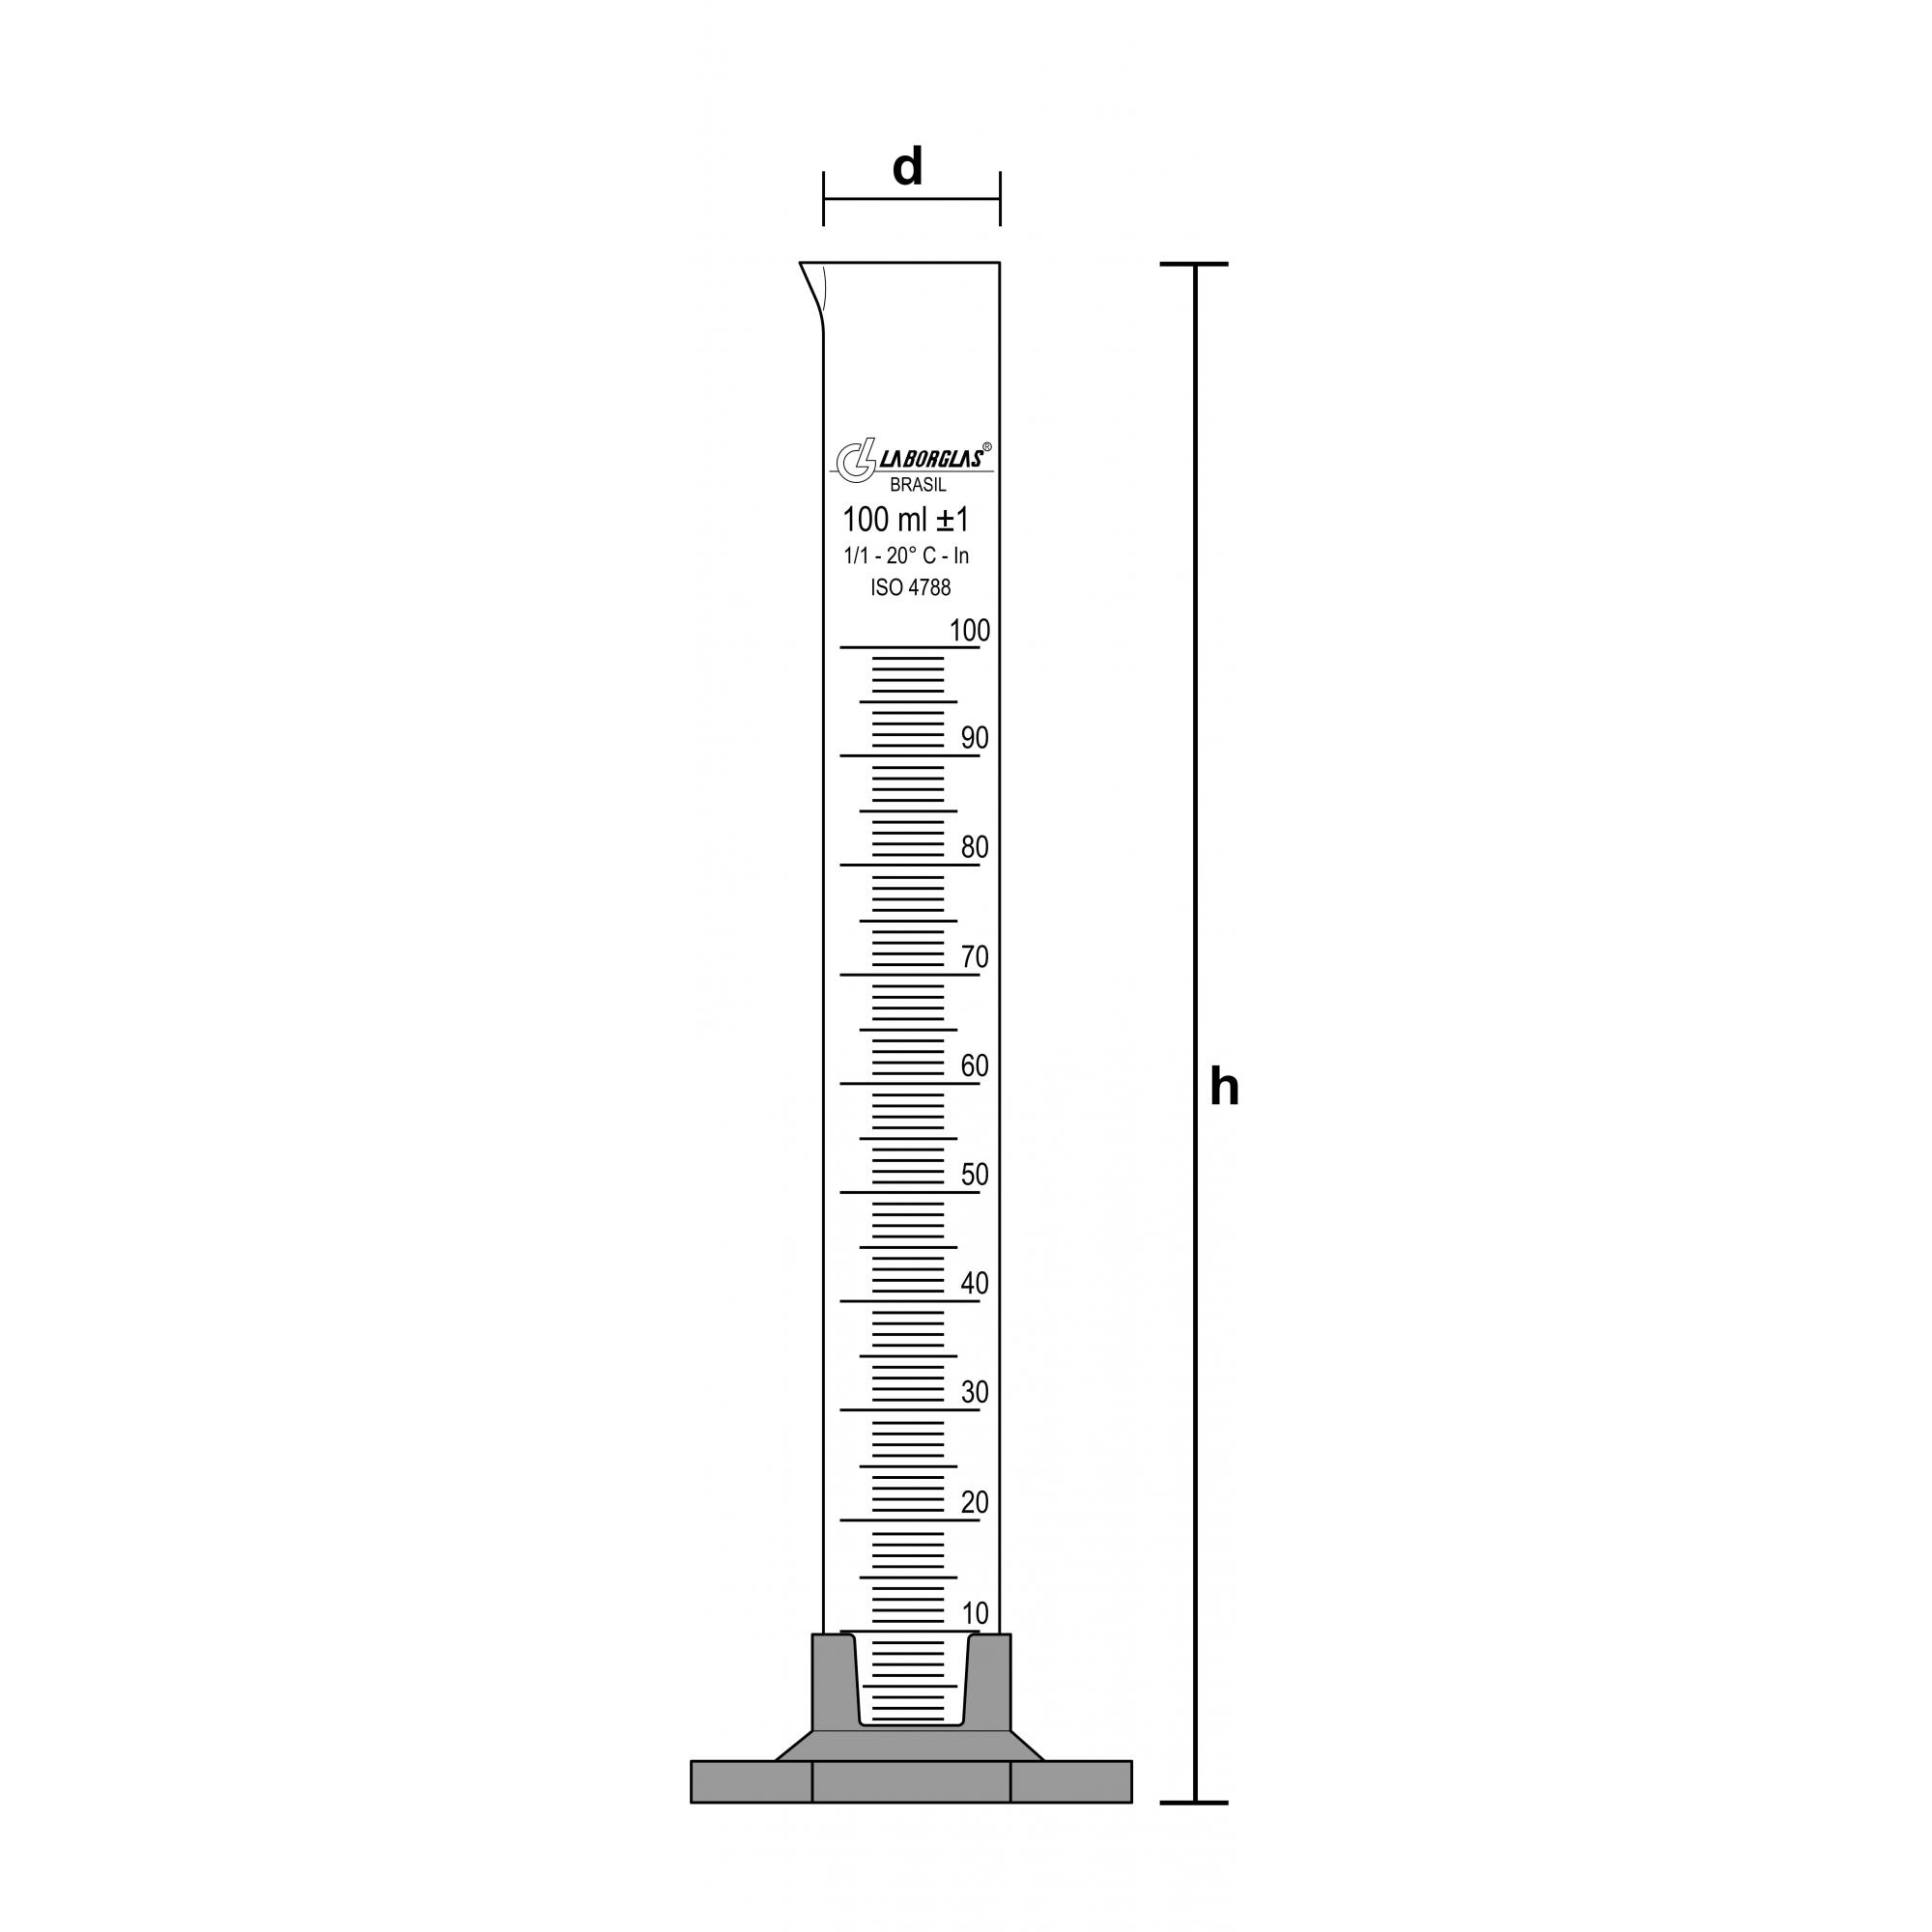 PROVETA GRADUADA BASE HEXAGONAL DE POLIPROPILENO 25 ML - Laborglas - Cód. 9138614